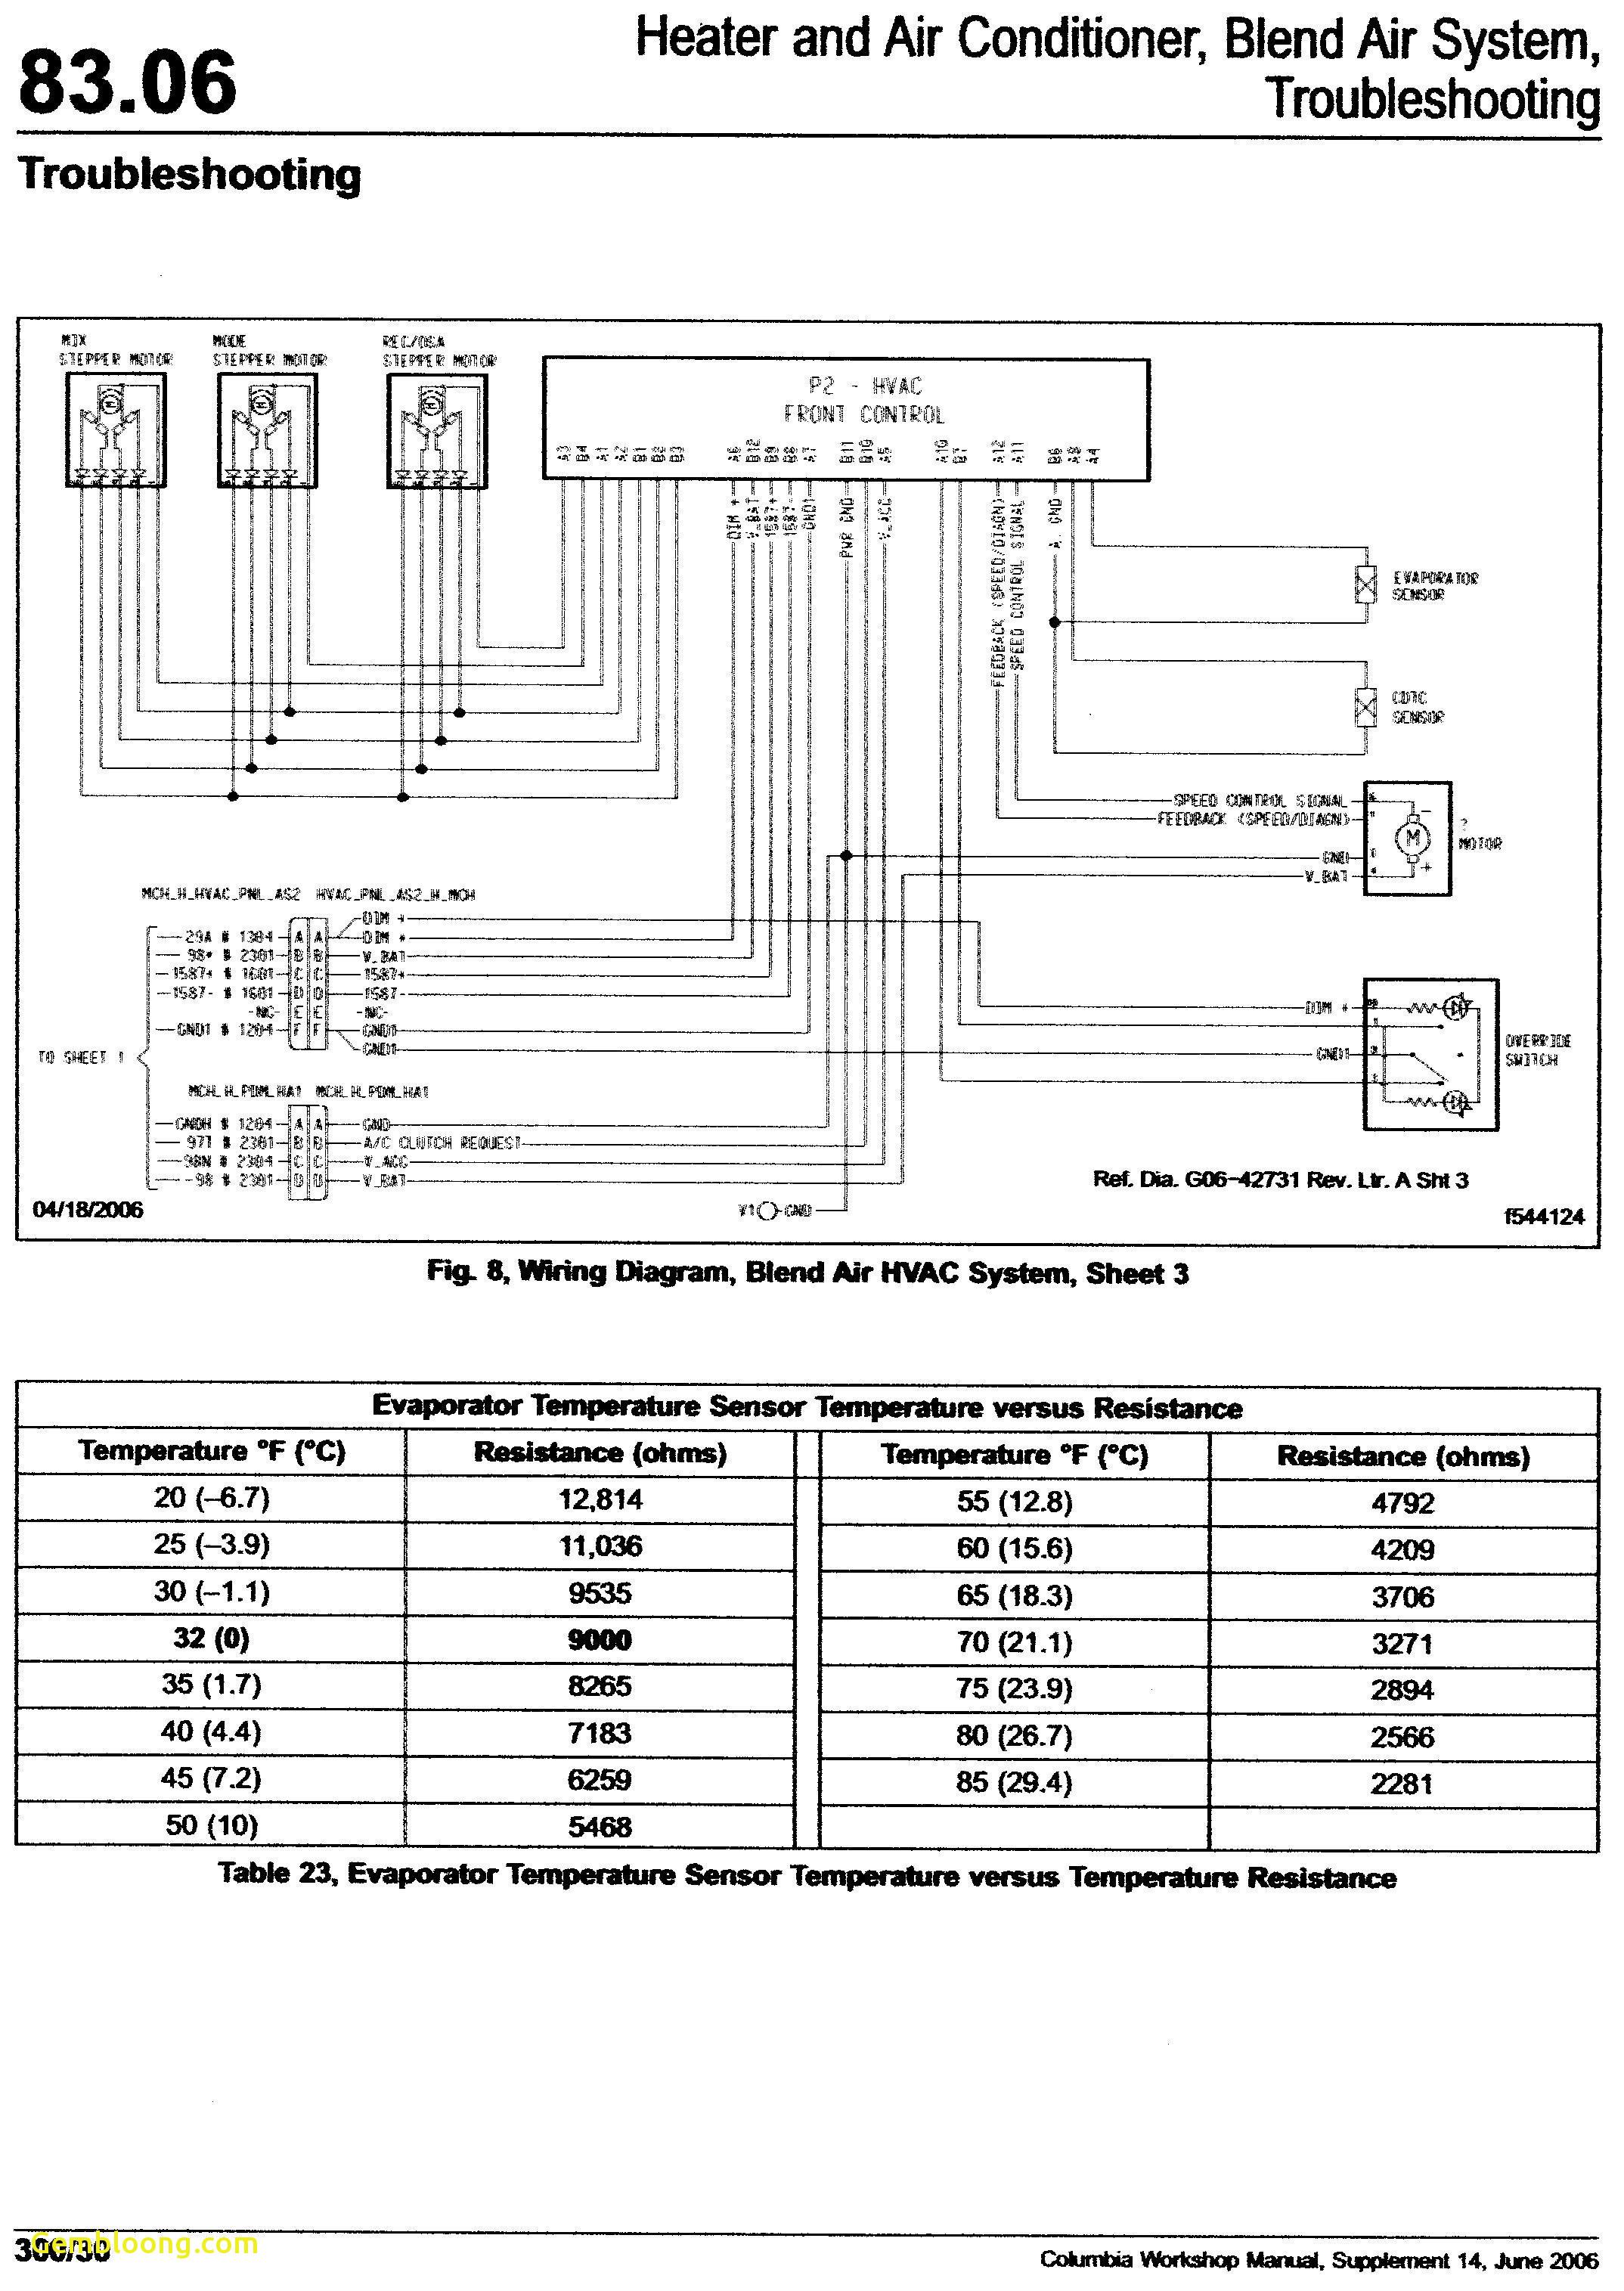 Motor Starter Wiring Diagram For Freightliner | Manual E-Books - Freightliner Starter Solenoid Wiring Diagram